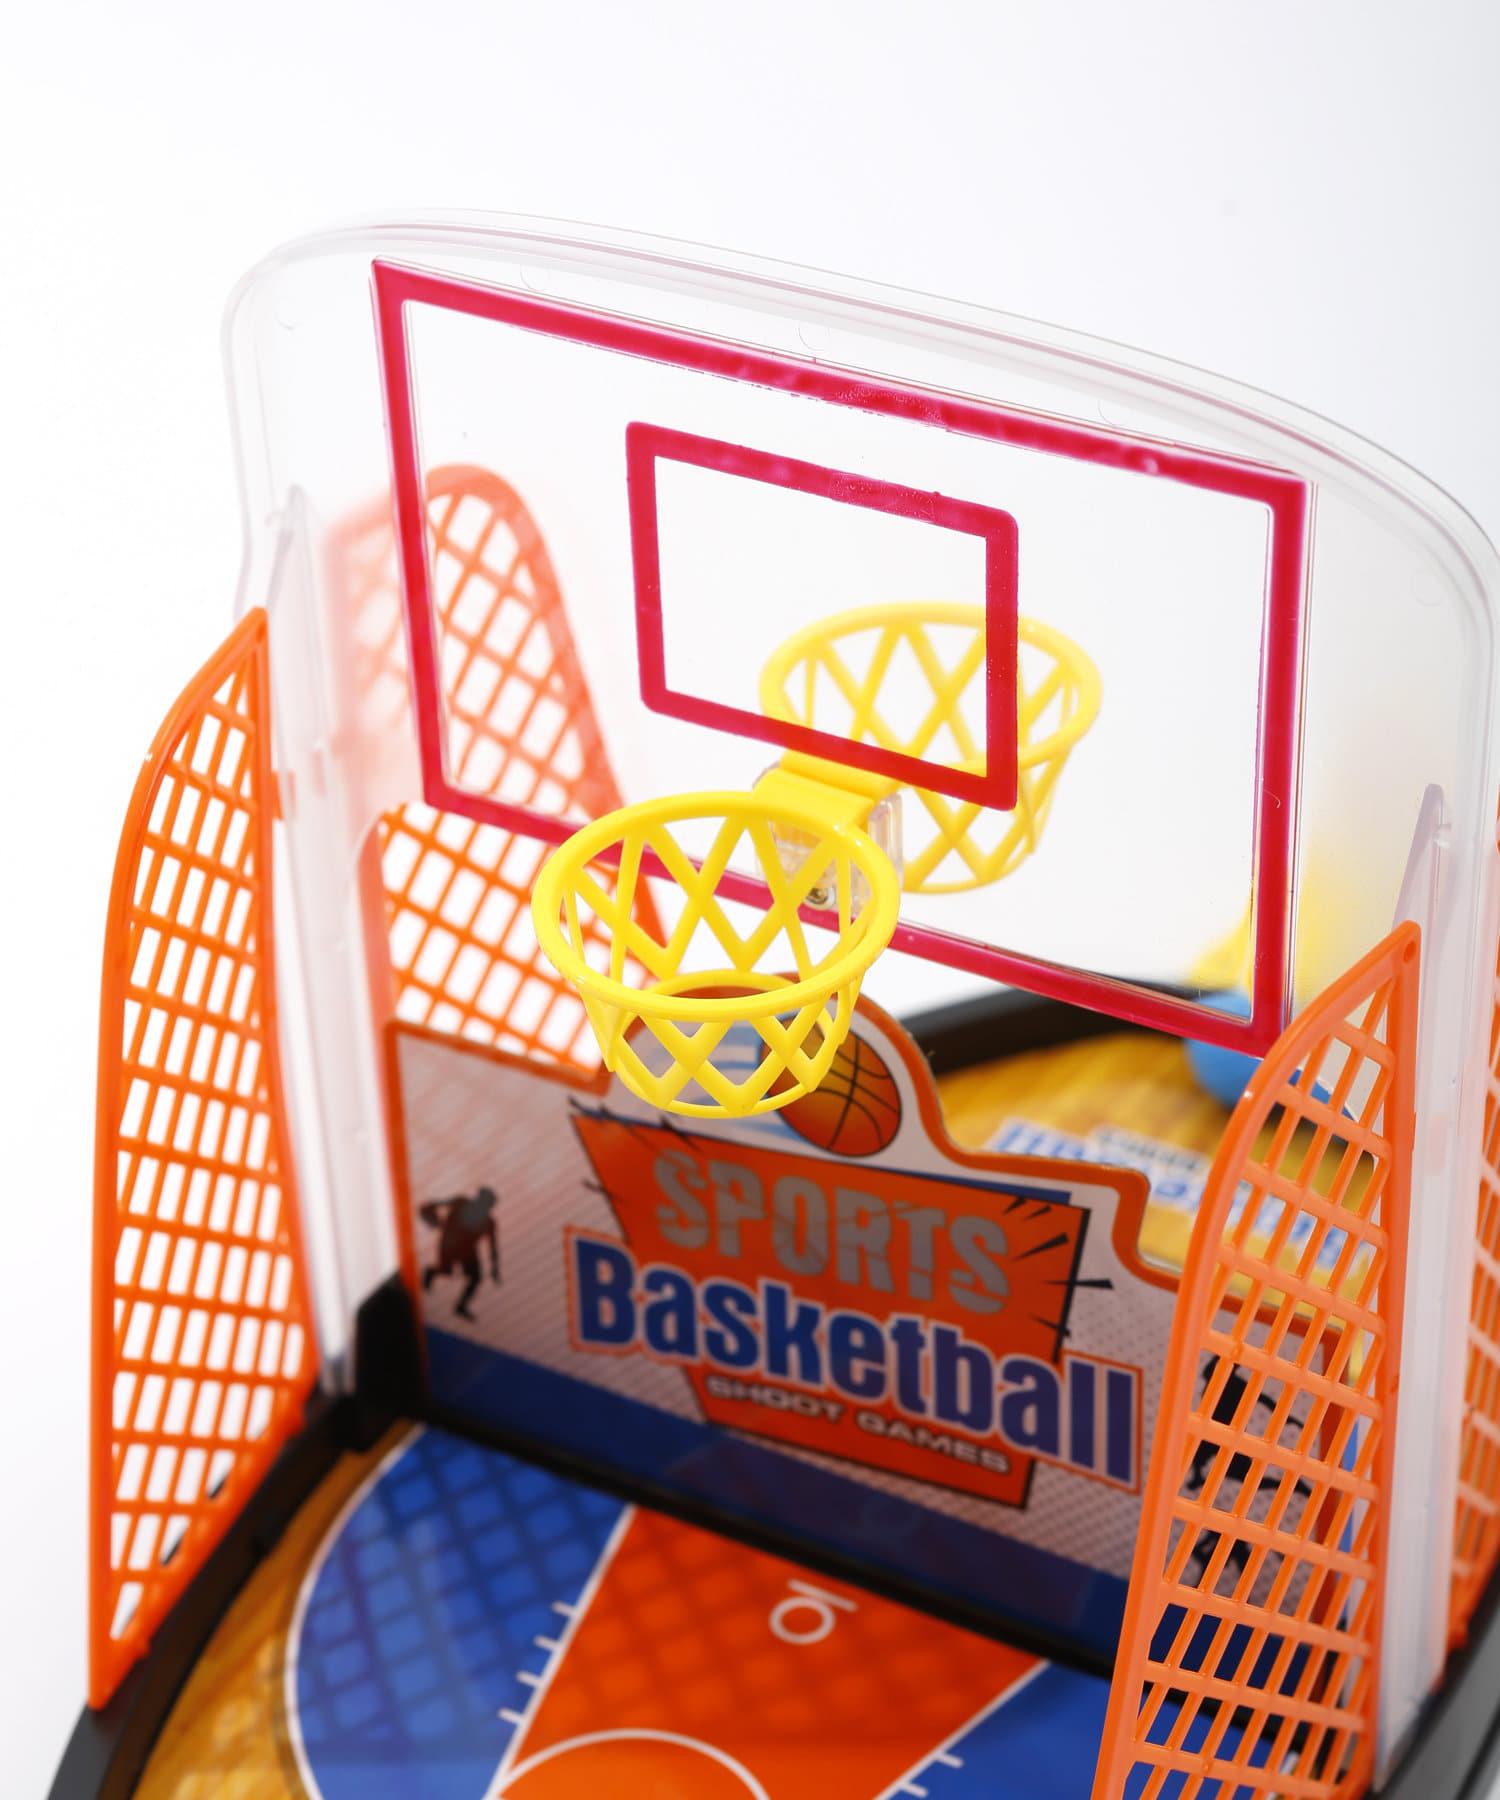 3COINS(スリーコインズ) 【ASOKO】【指部】バスケットボールゲーム